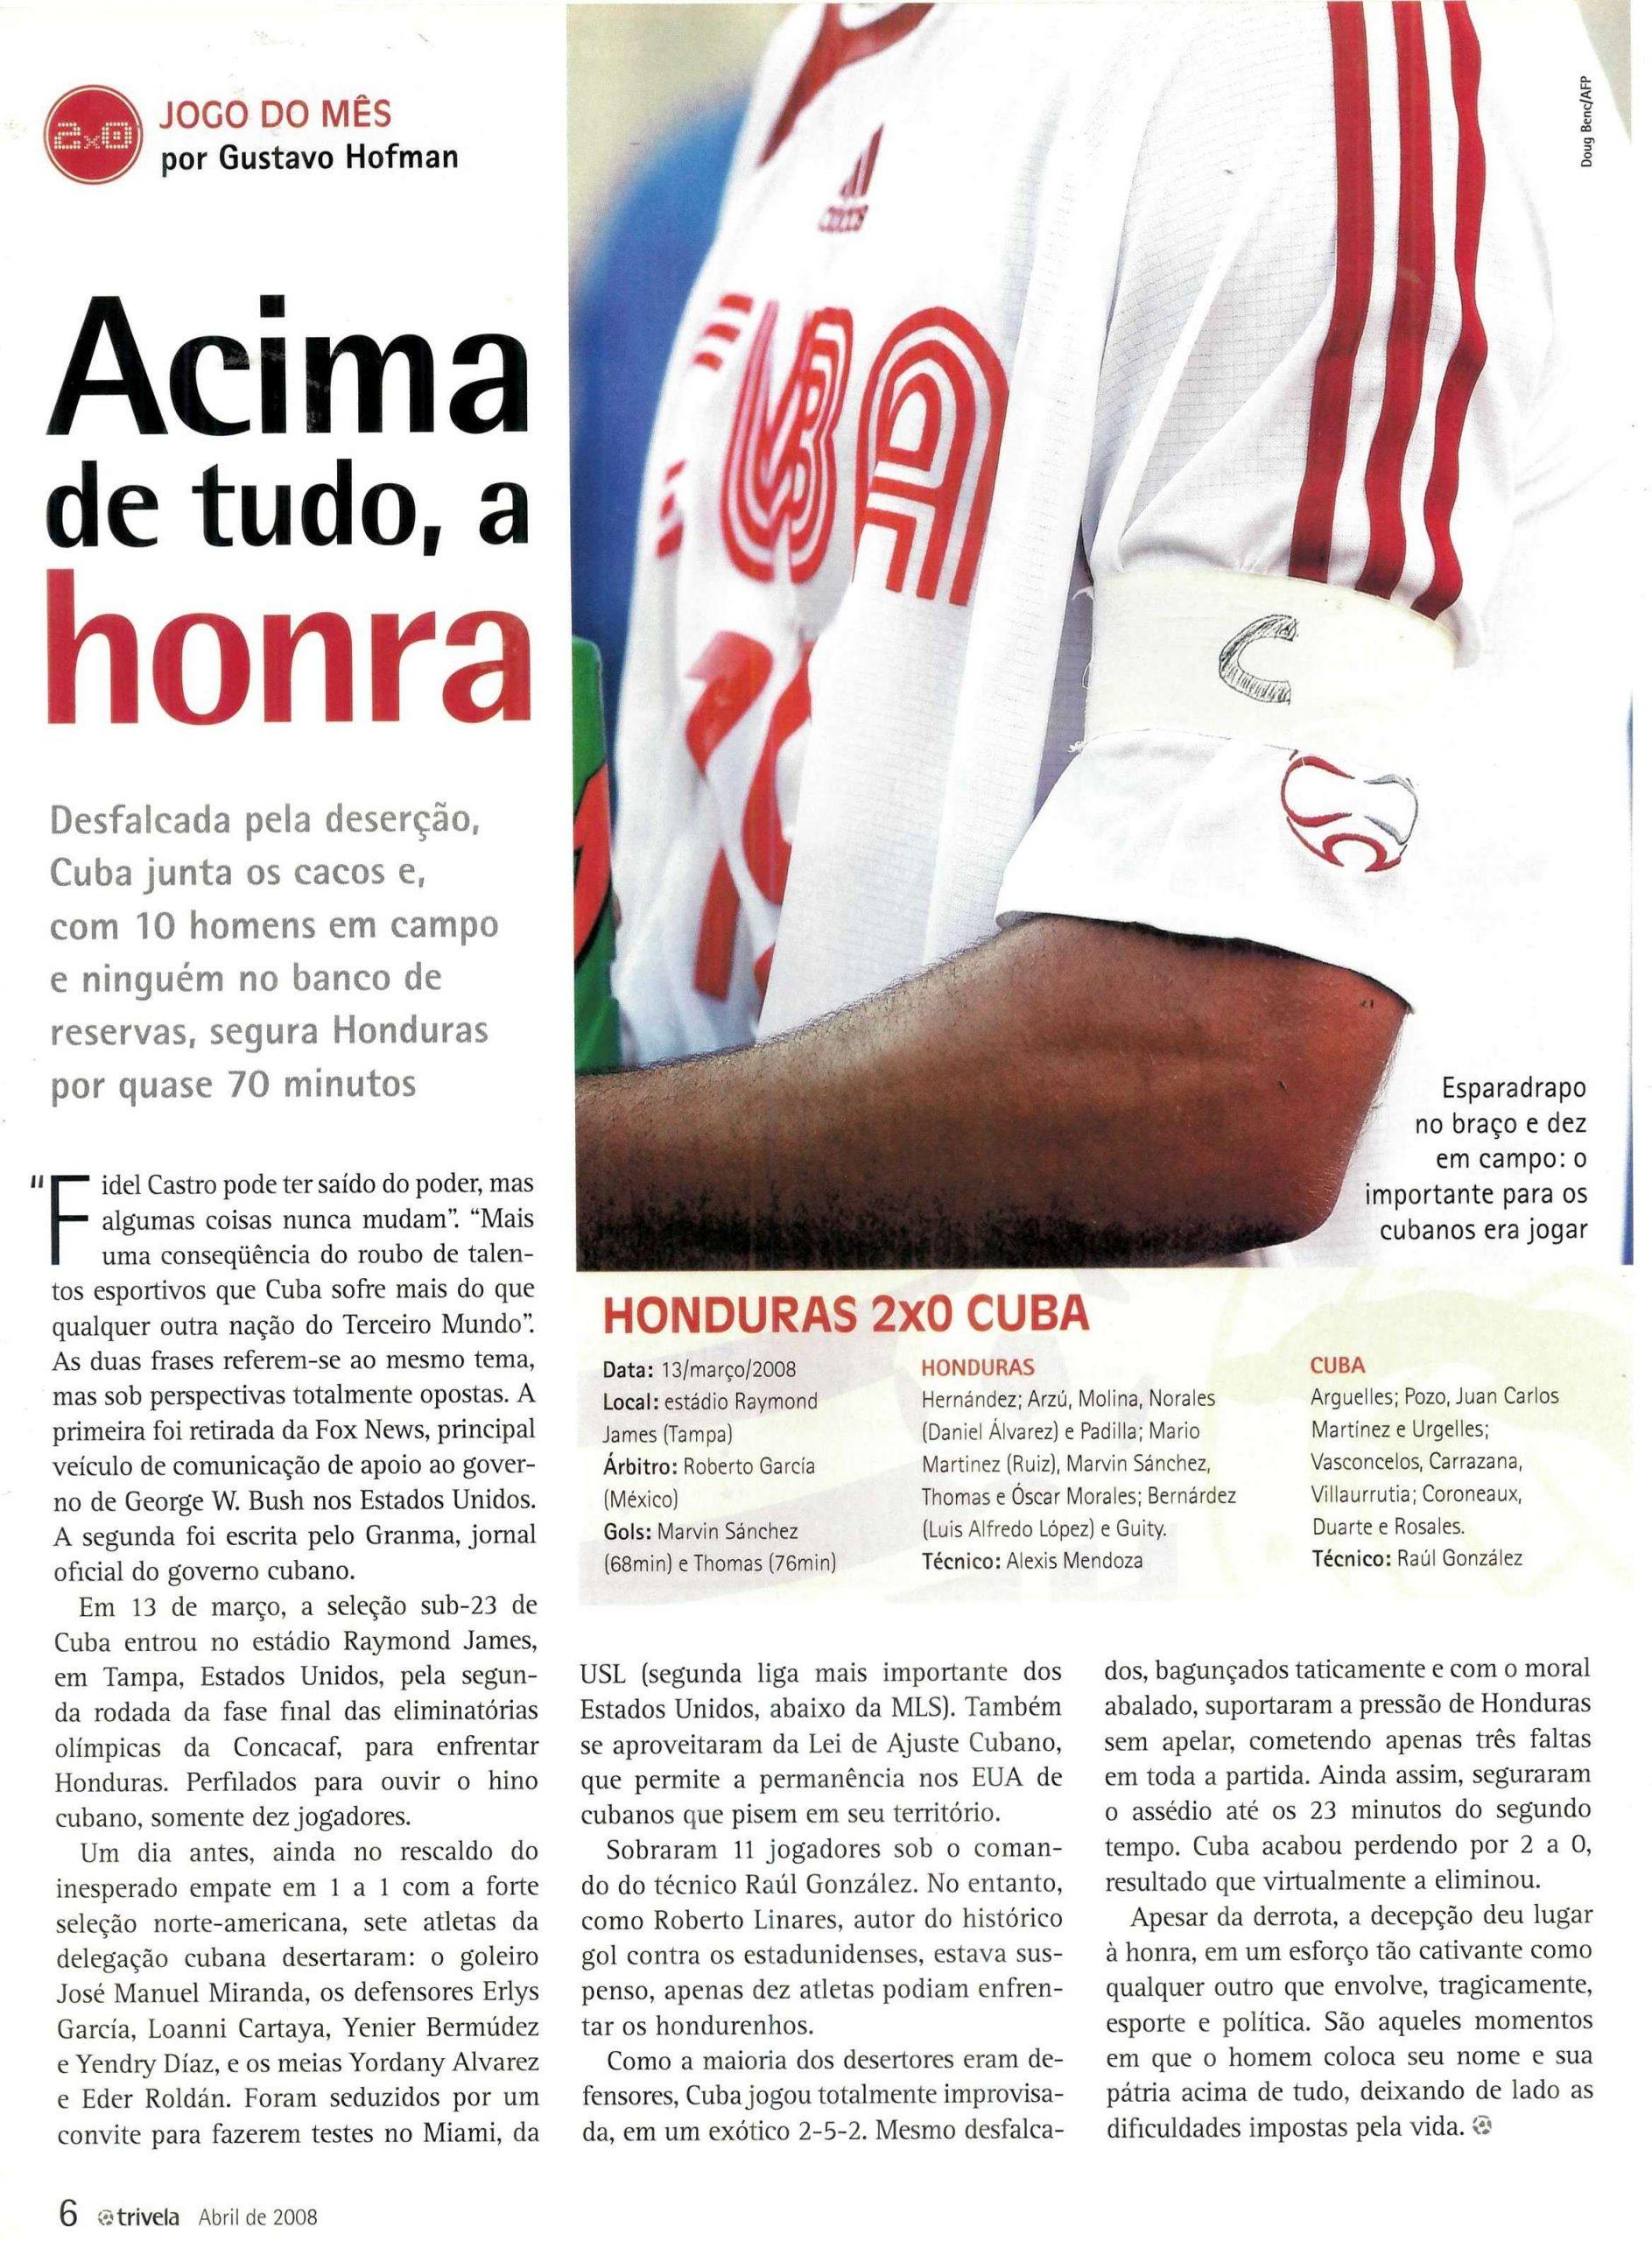 Read more about the article Acimada de tudo, a honra